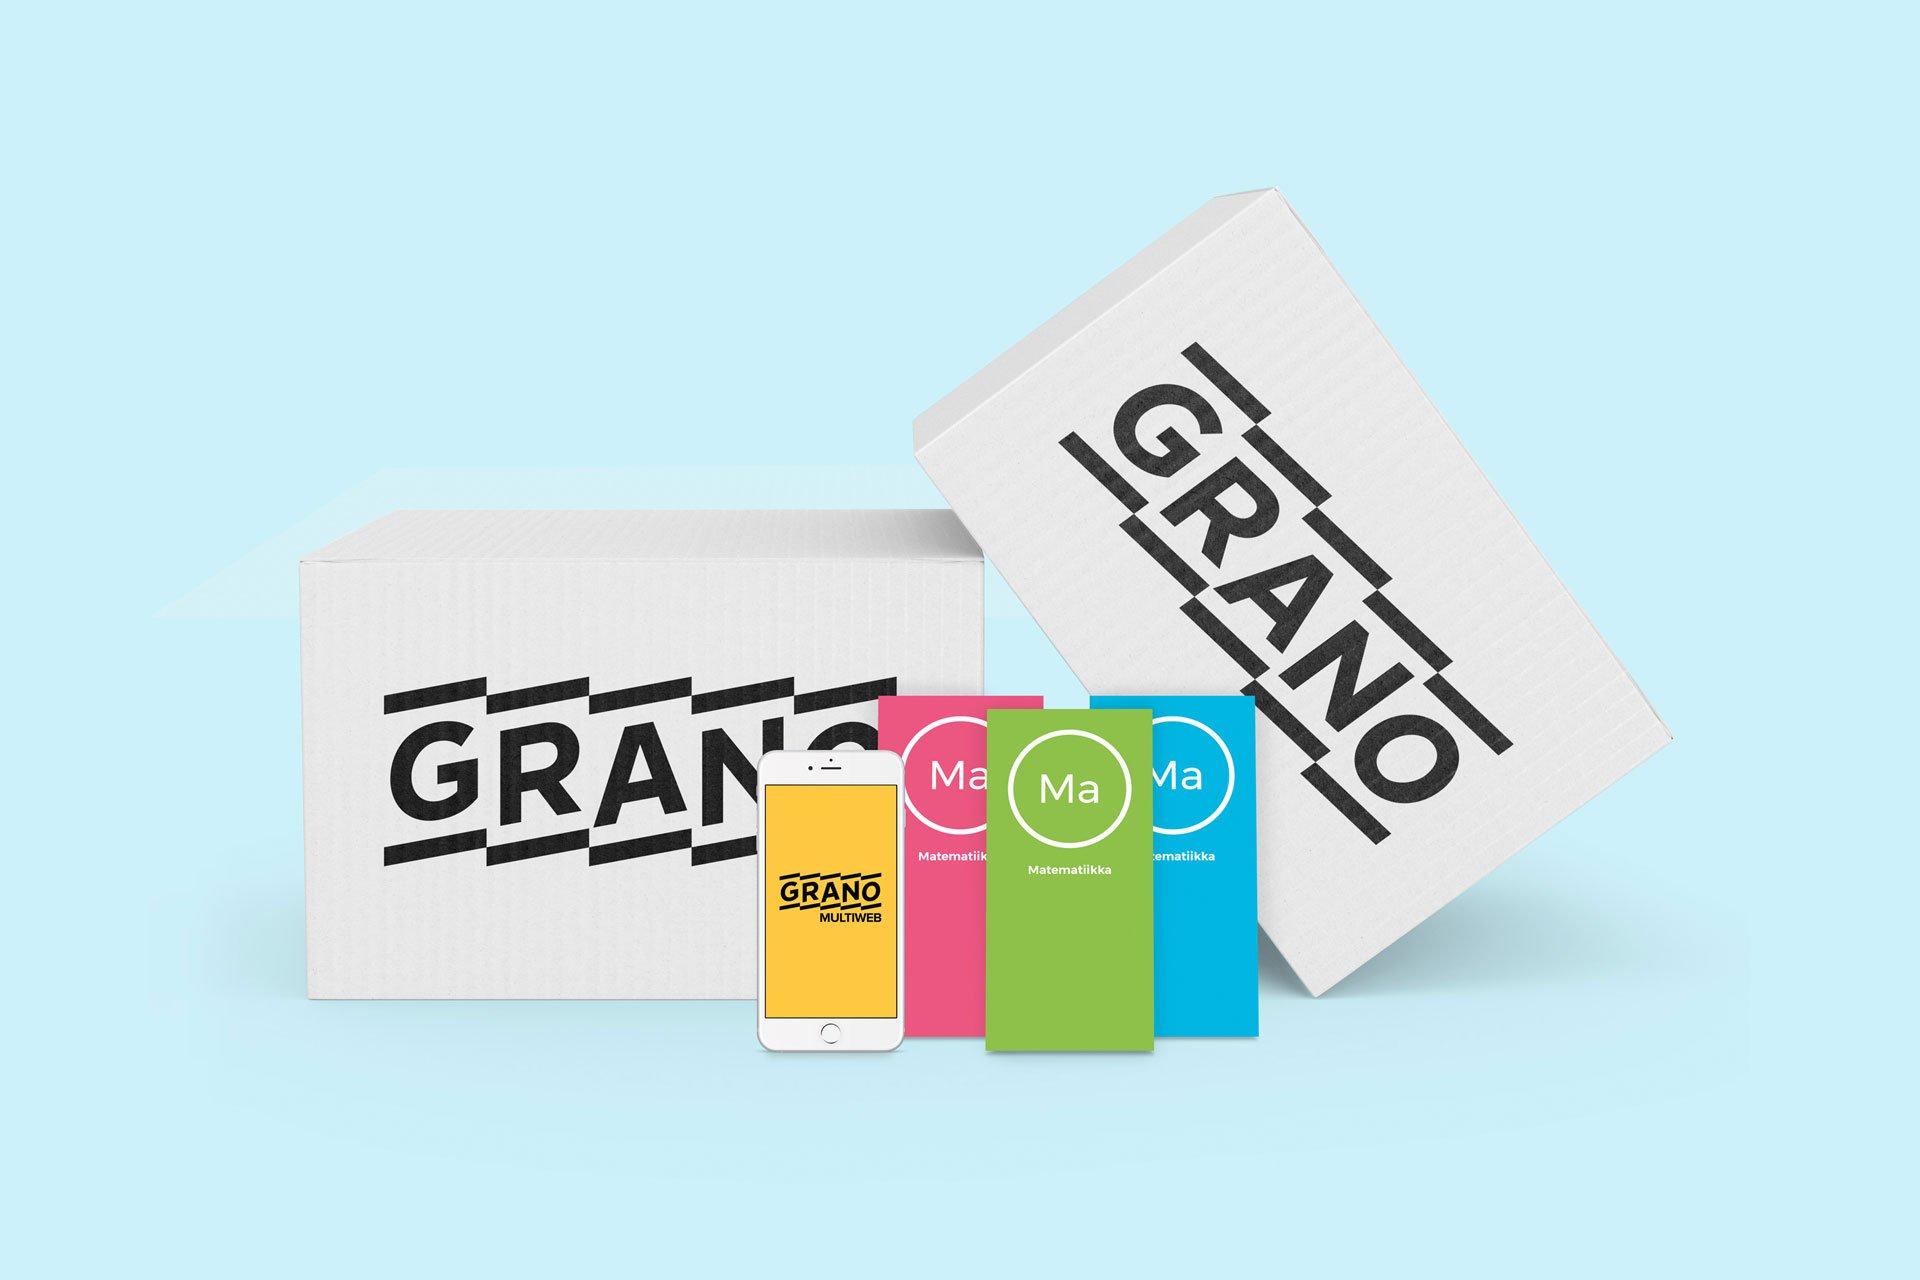 Kaikki markkinointiviestinnän palvelut Granosta